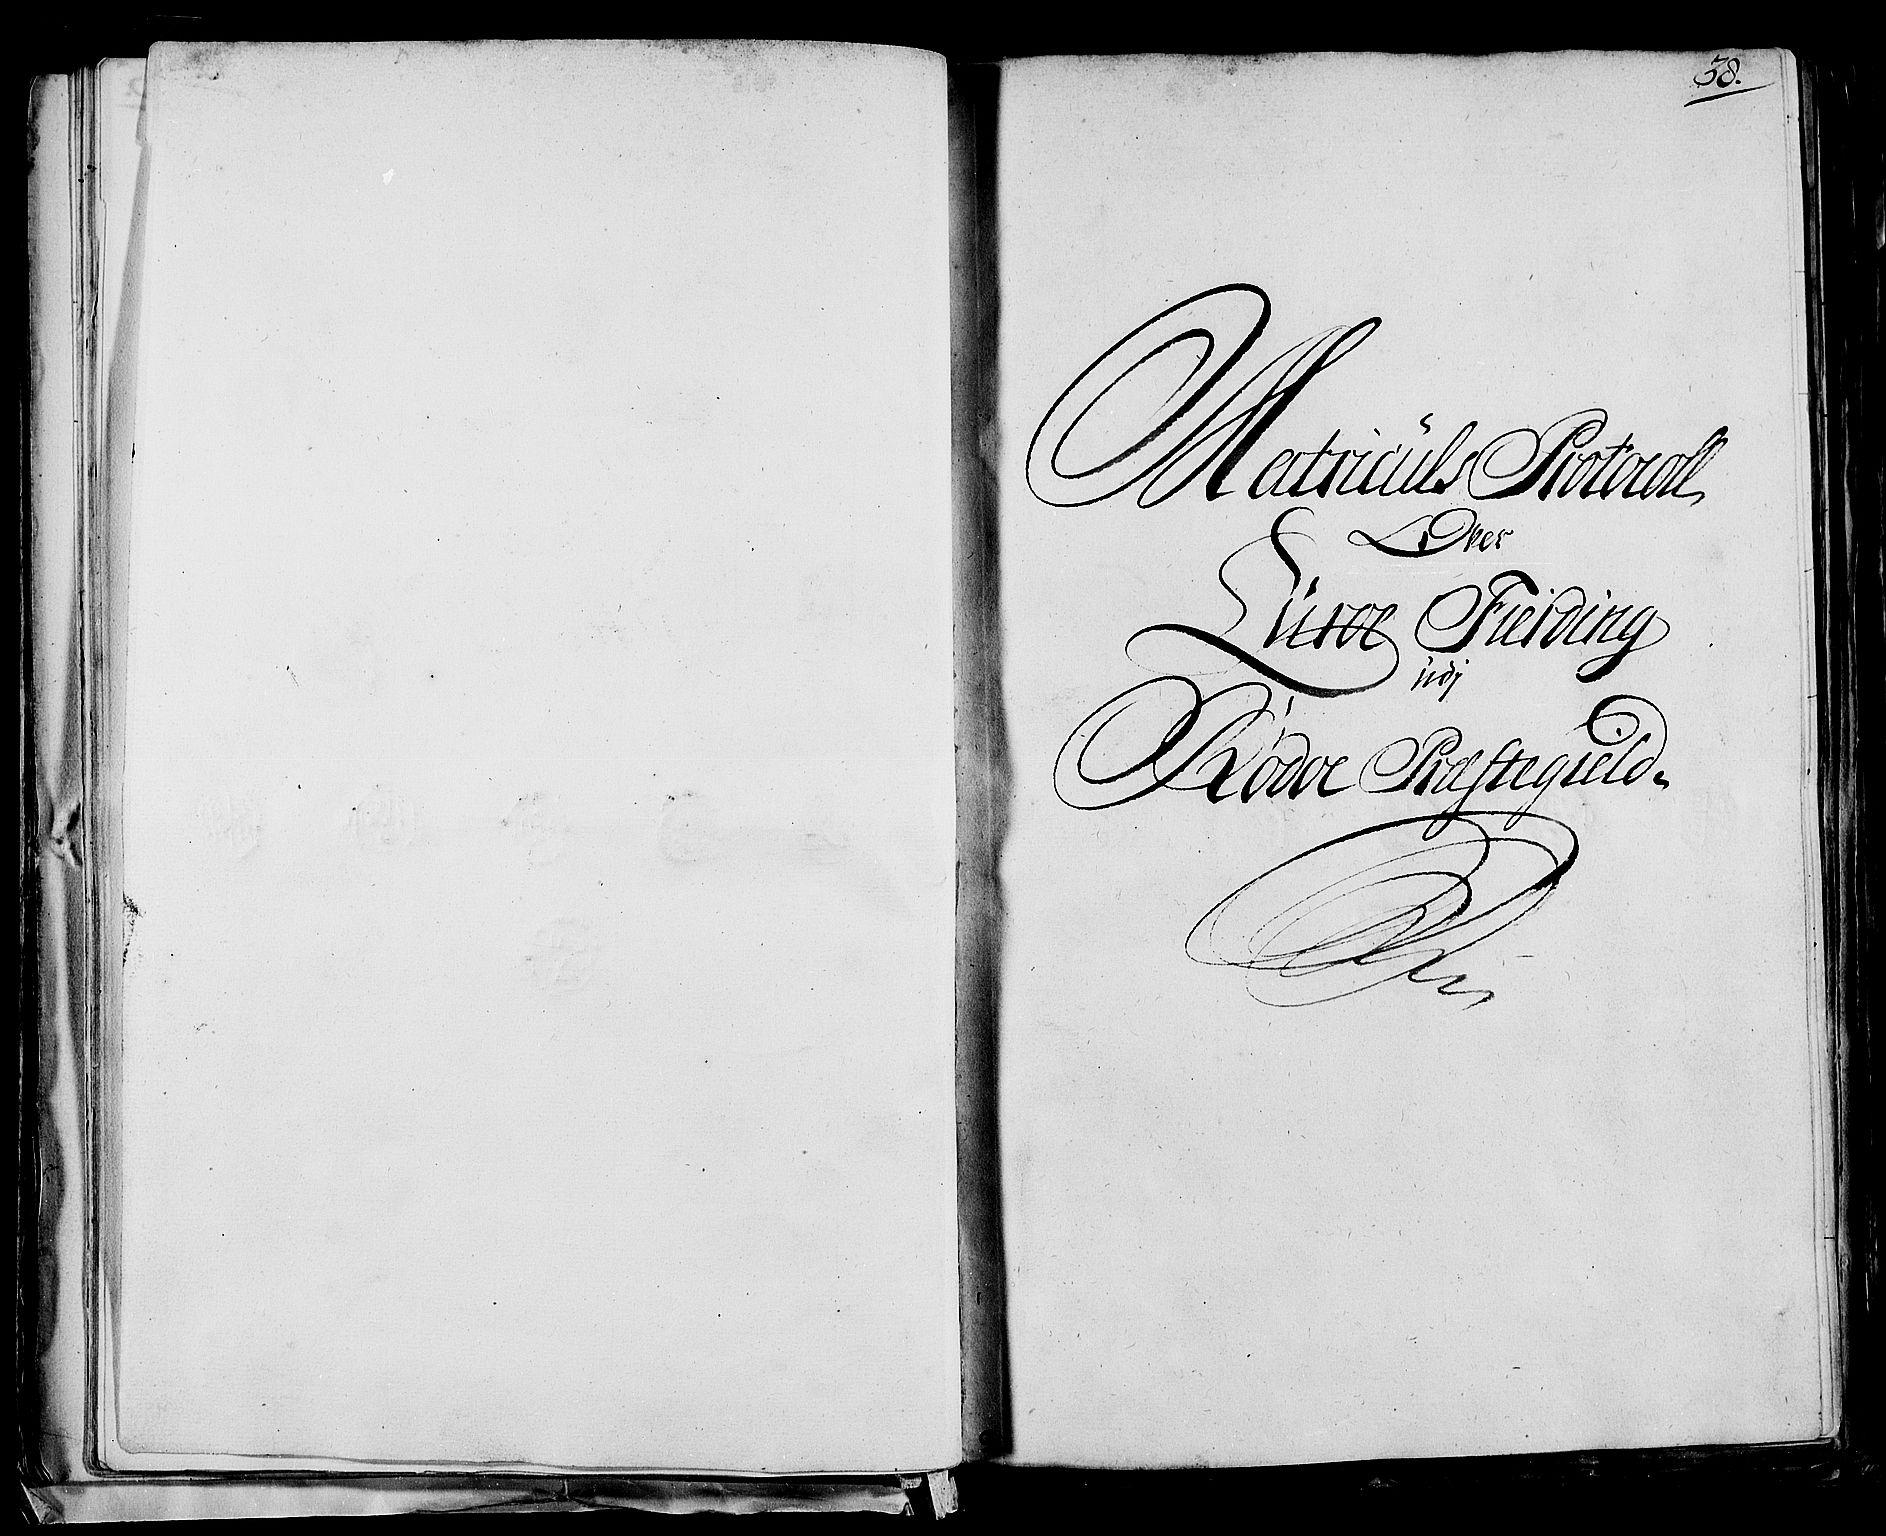 RA, Rentekammeret inntil 1814, Realistisk ordnet avdeling, N/Nb/Nbf/L0170: Helgeland eksaminasjonsprotokoll, 1723, s. 37b-38a